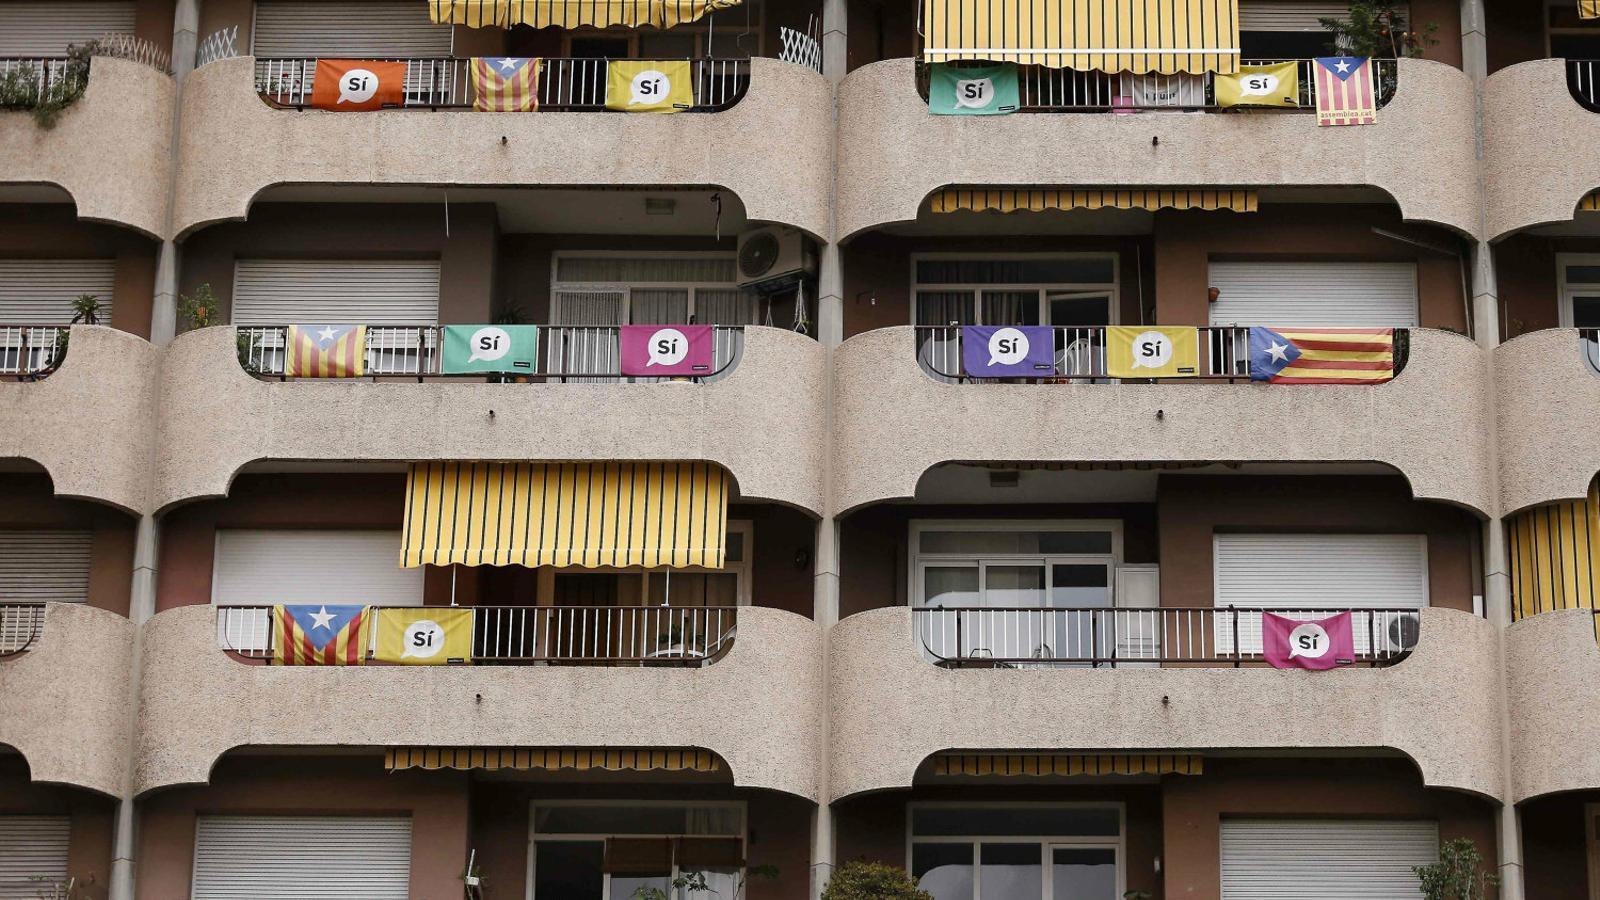 Uns balcons de Barcelona plens de domassos demanant el sí dies abans del referèndum de l'1 d'octubre del 2017.